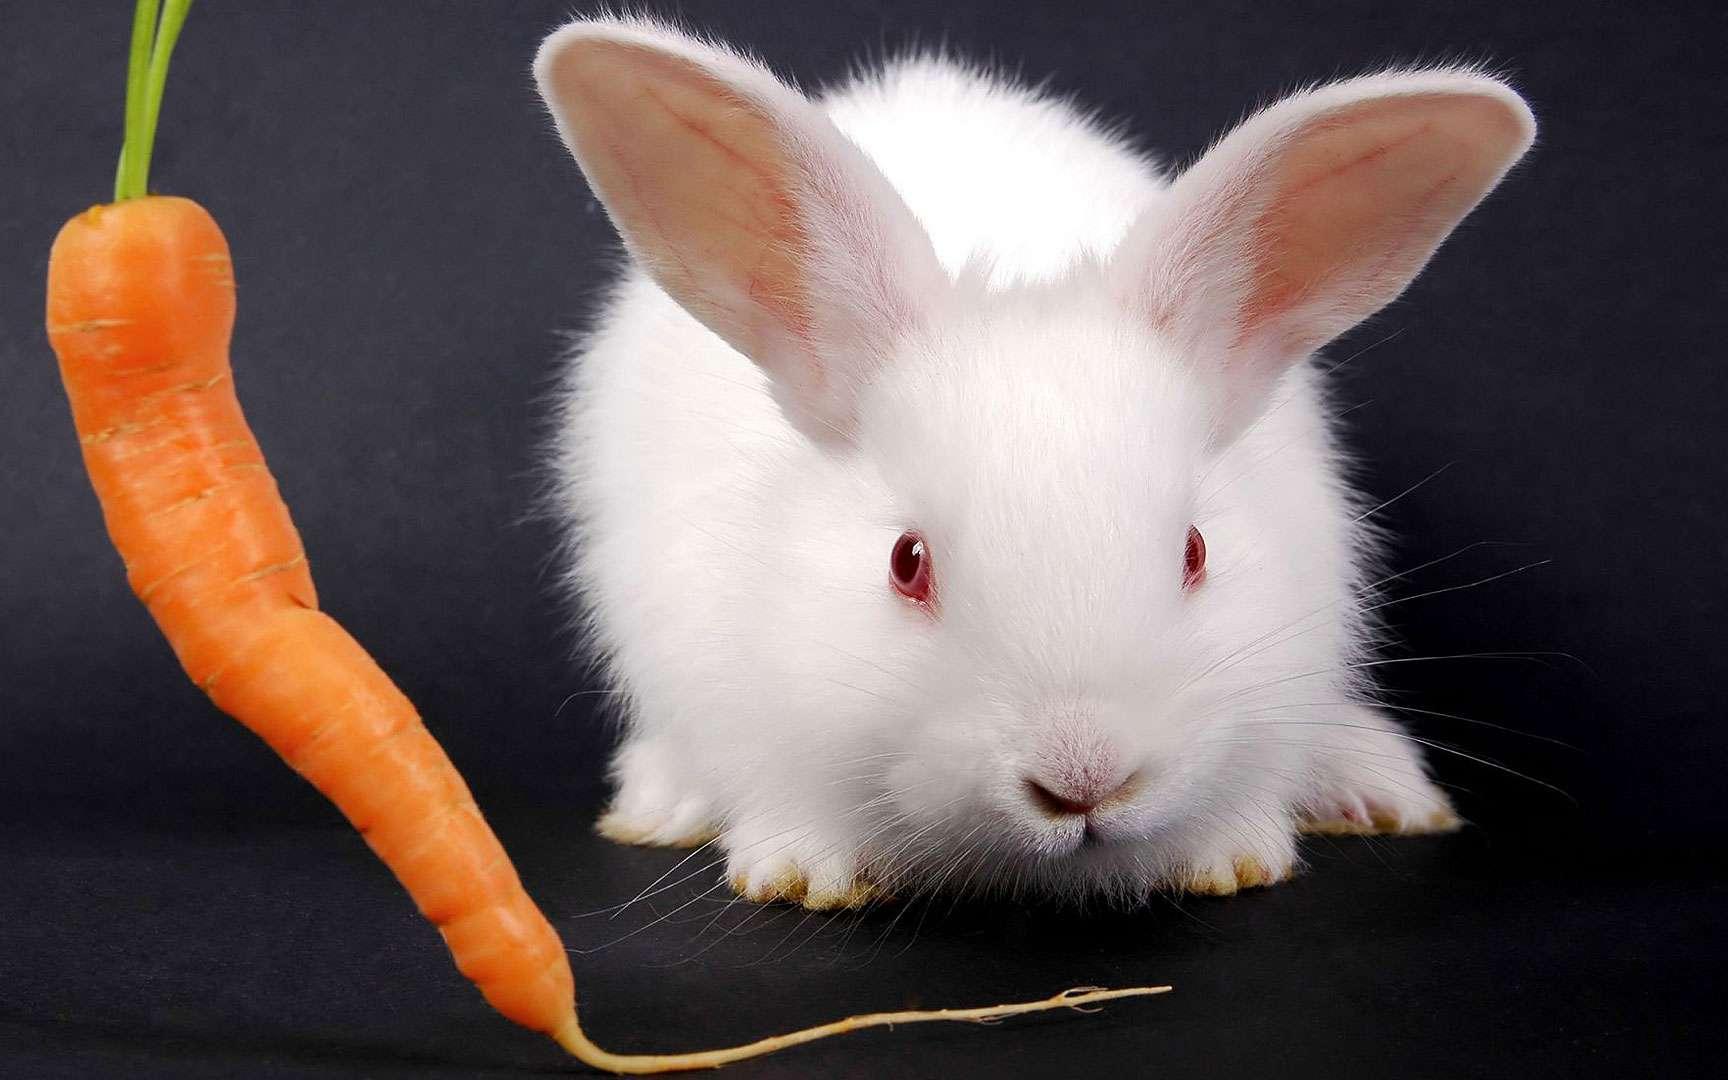 Lapin albinos. Le lapin albinos n'a pas une moins bonne vue que le lapin sain. Tous deux ne voient pas toutes les couleurs, on pense qu'ils ne discernent que le bleu et le vert. © Tomy86 | Stock Free Images & Dreamstime Stock Photos